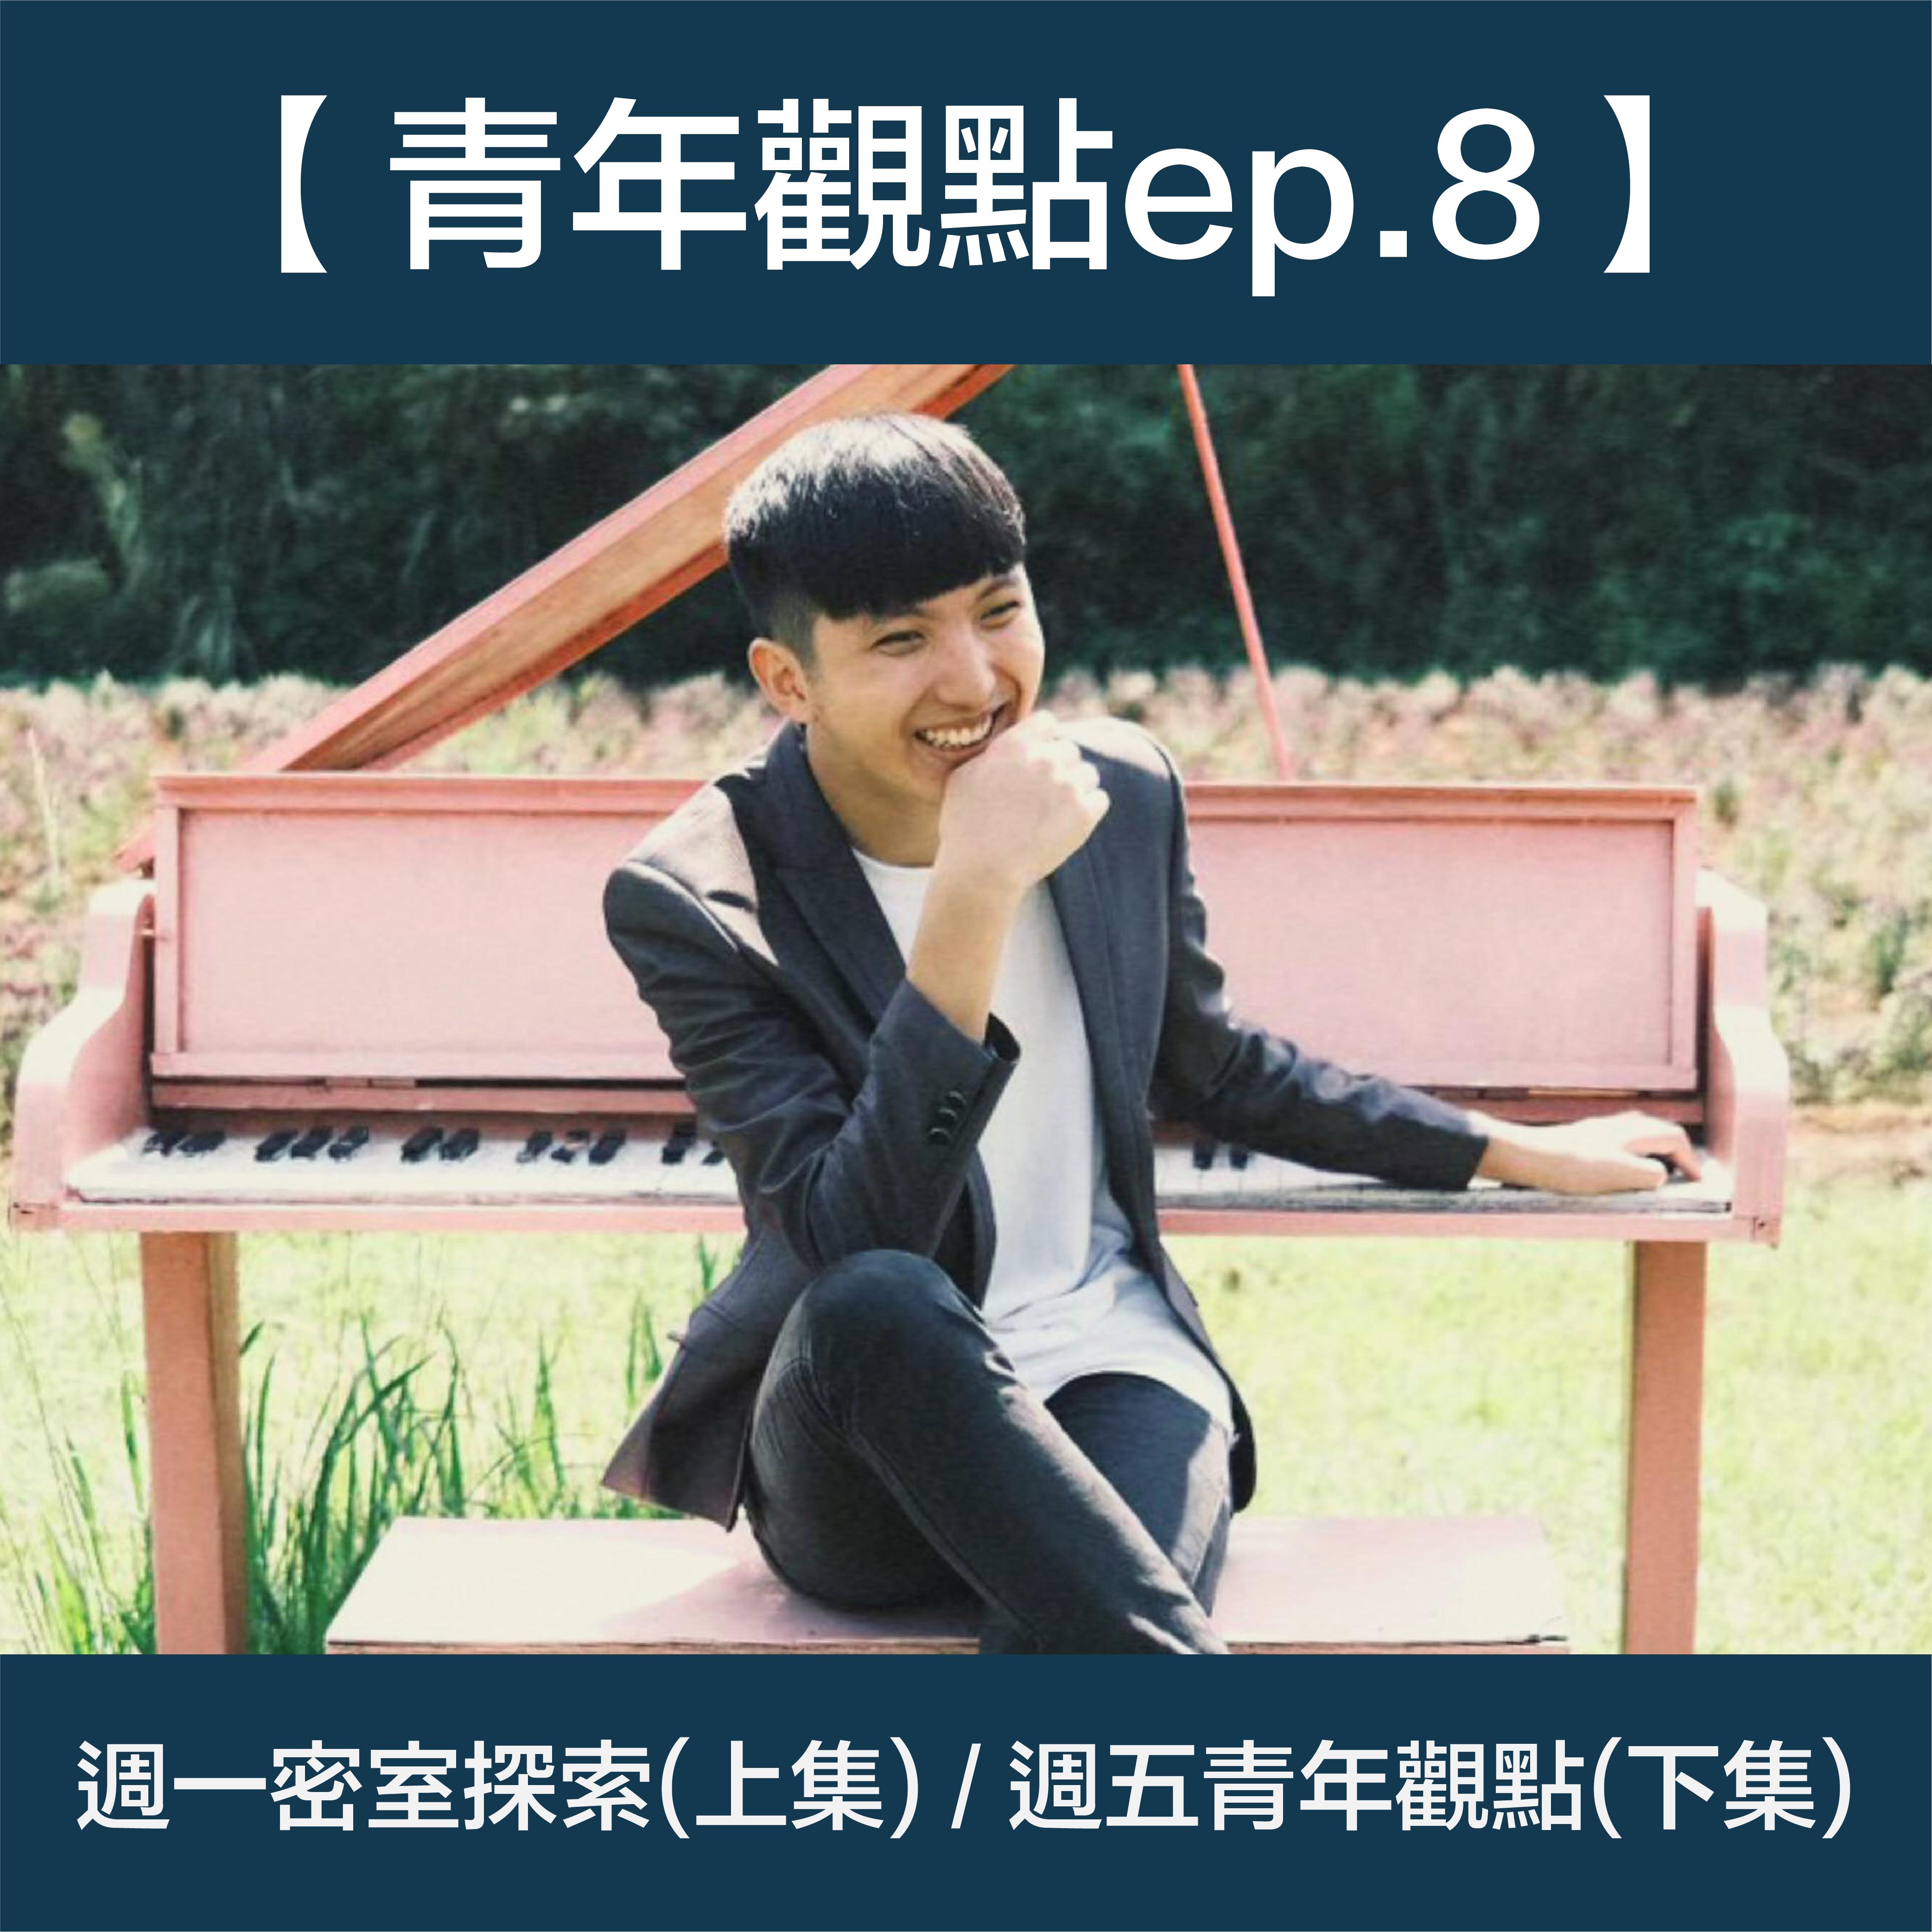 【青年觀點ep.8】 從出專輯到舉辦公益音樂會,視障大學生如何打造理想的自己?feat.吳承澐